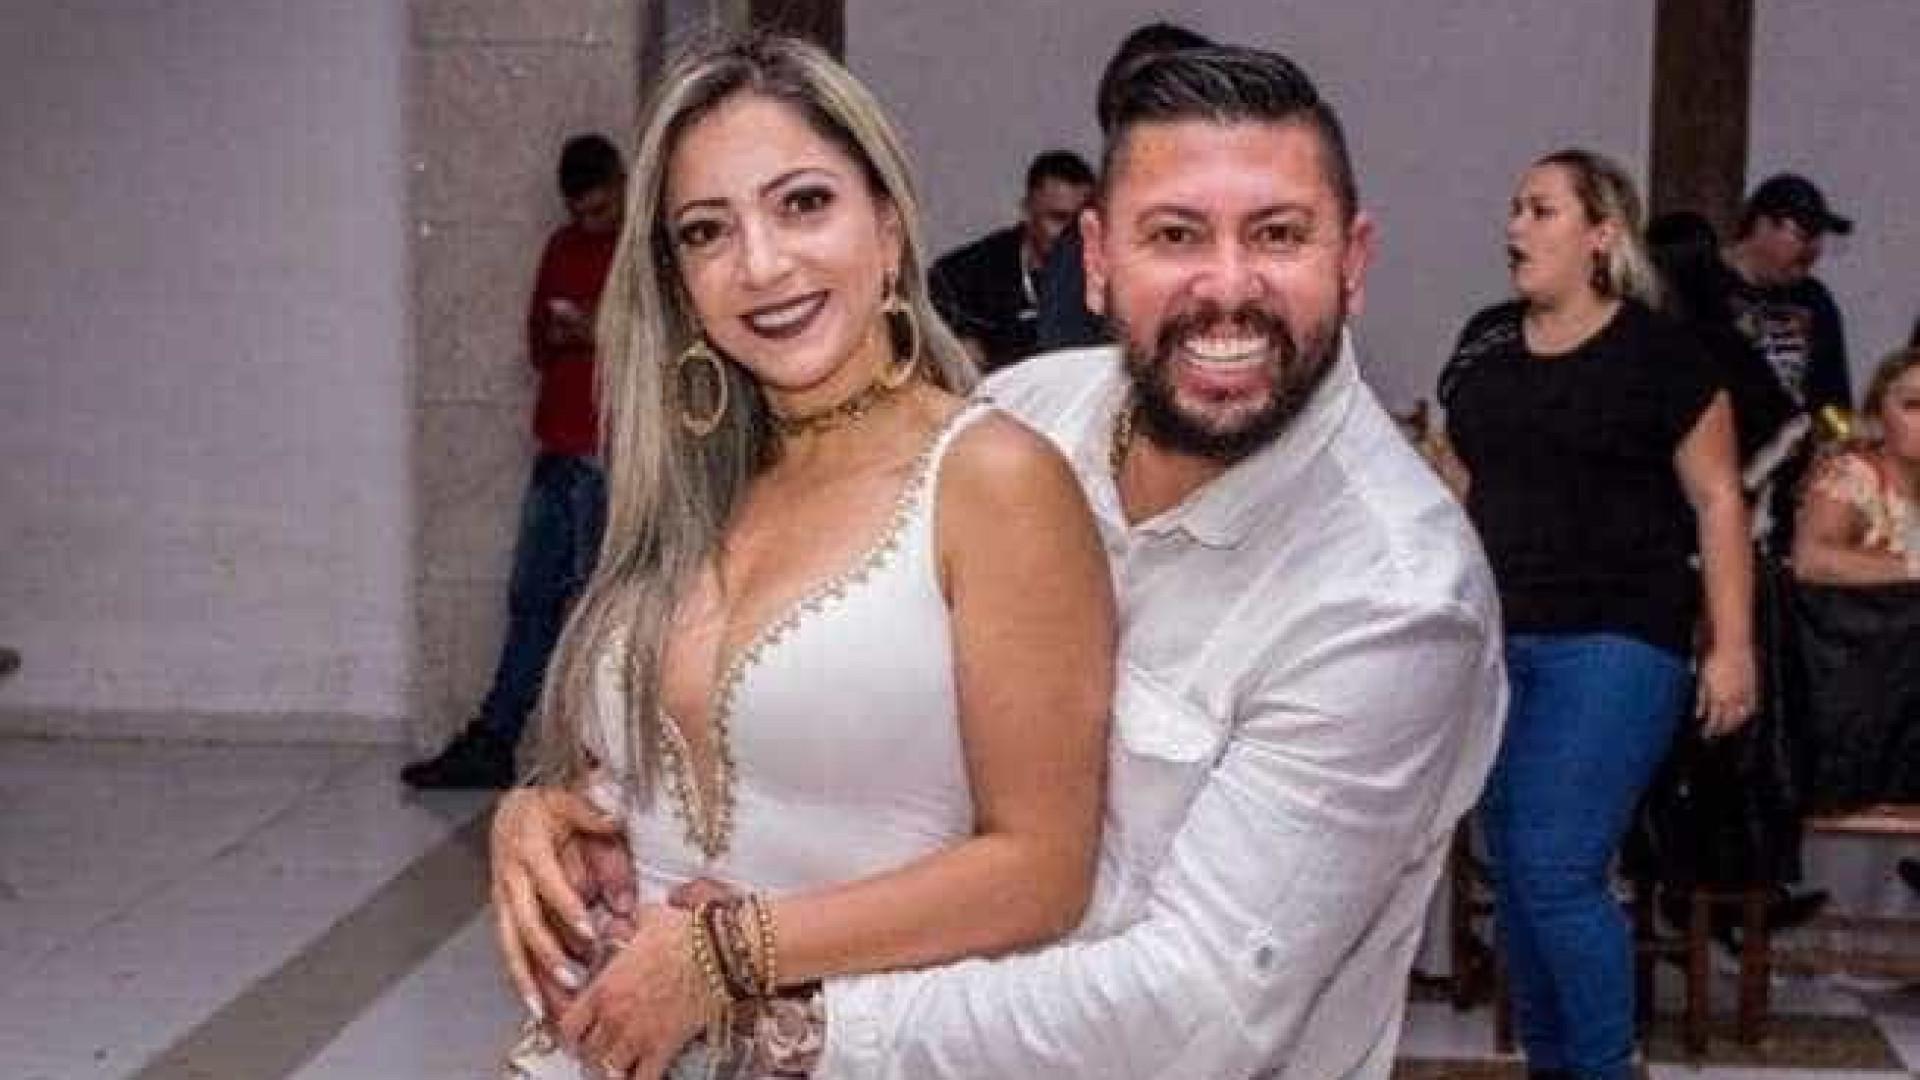 Preso confessa assassinato e diz que atleta tentou estuprar sua esposa